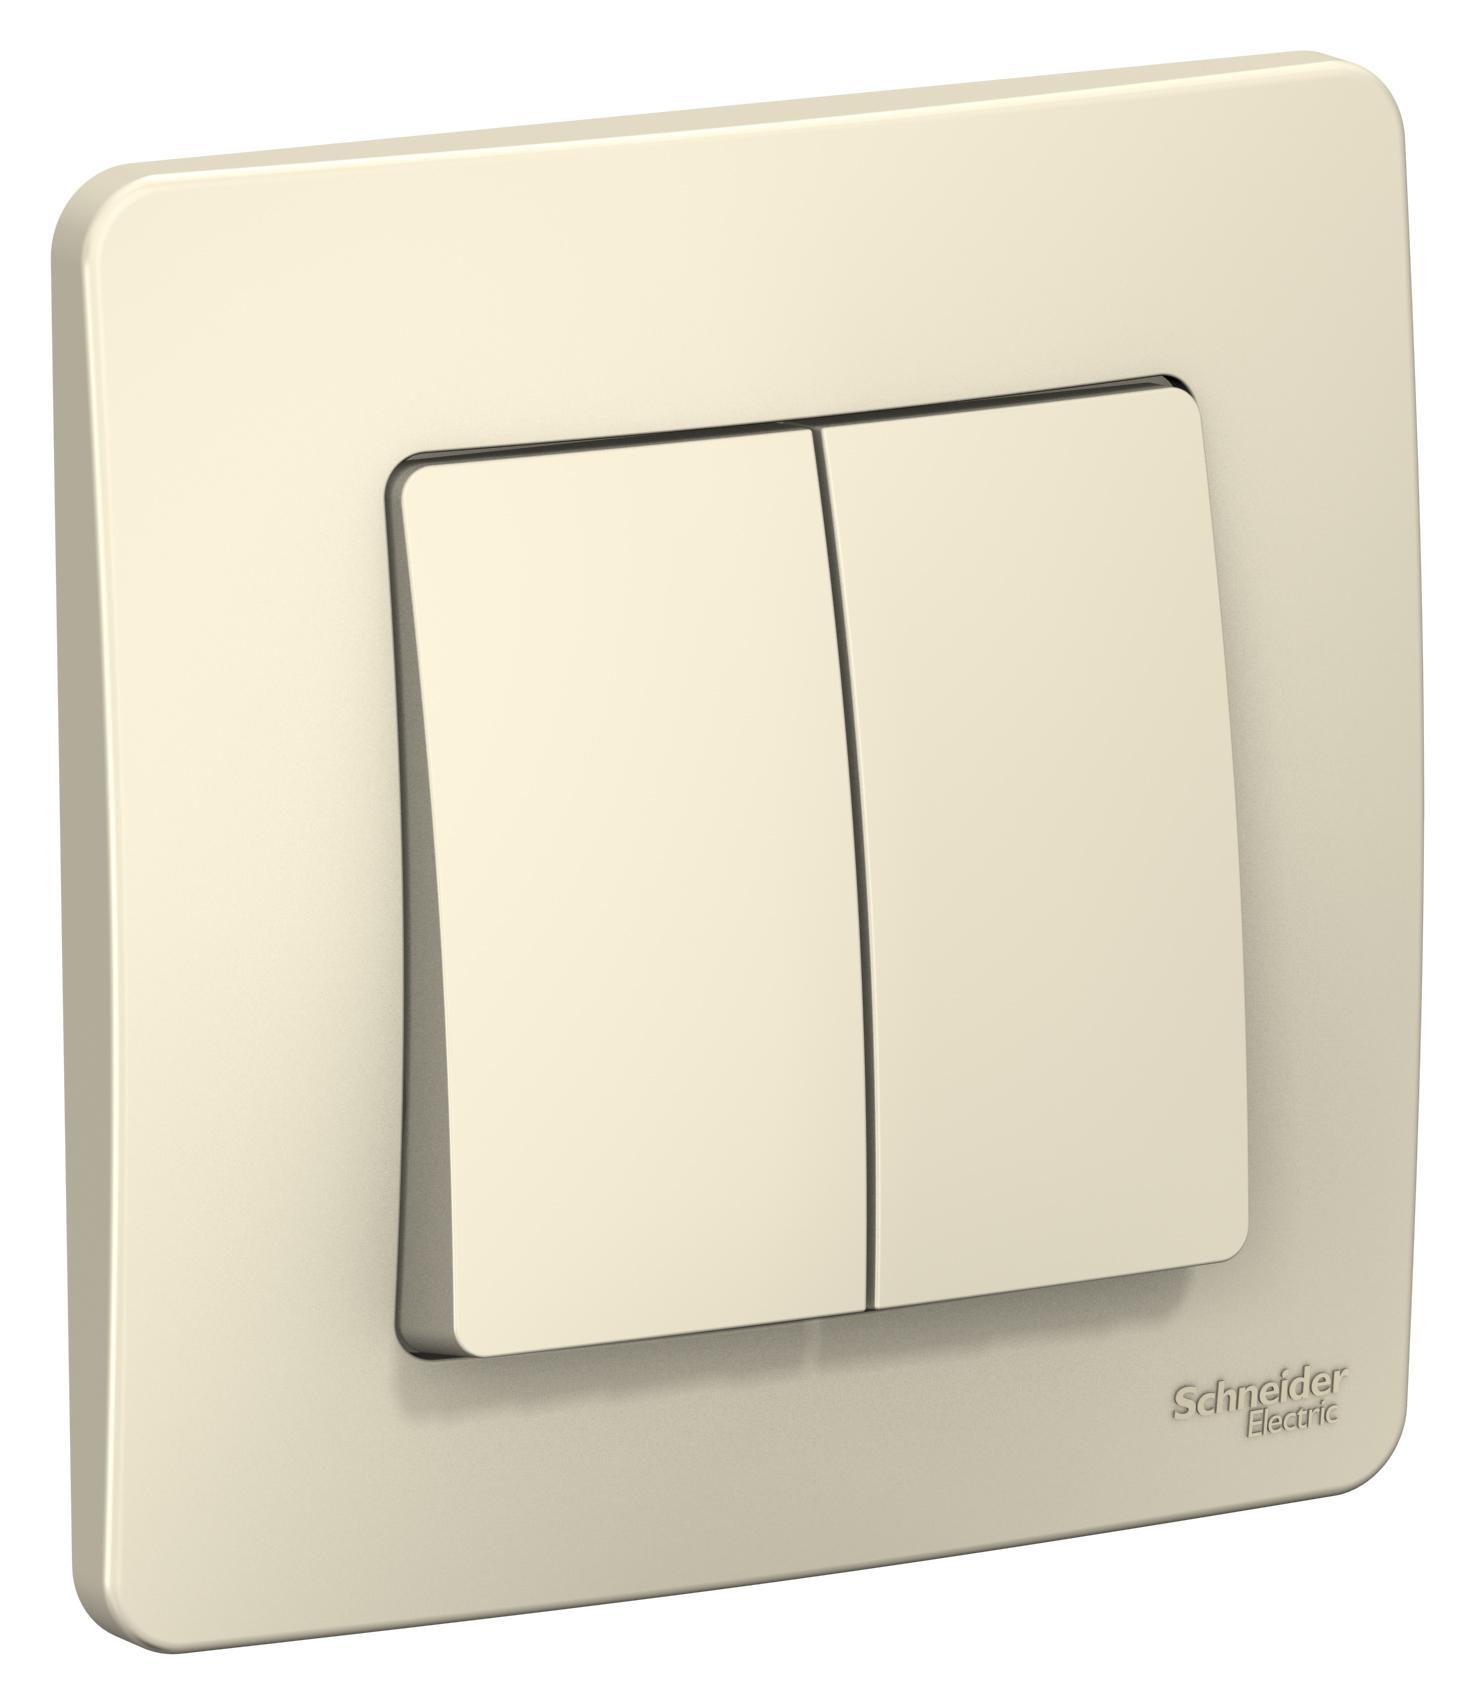 Выключатель Schneider electric Blnvs010502 blanca выключатель schneider electric blnva105014 blanca